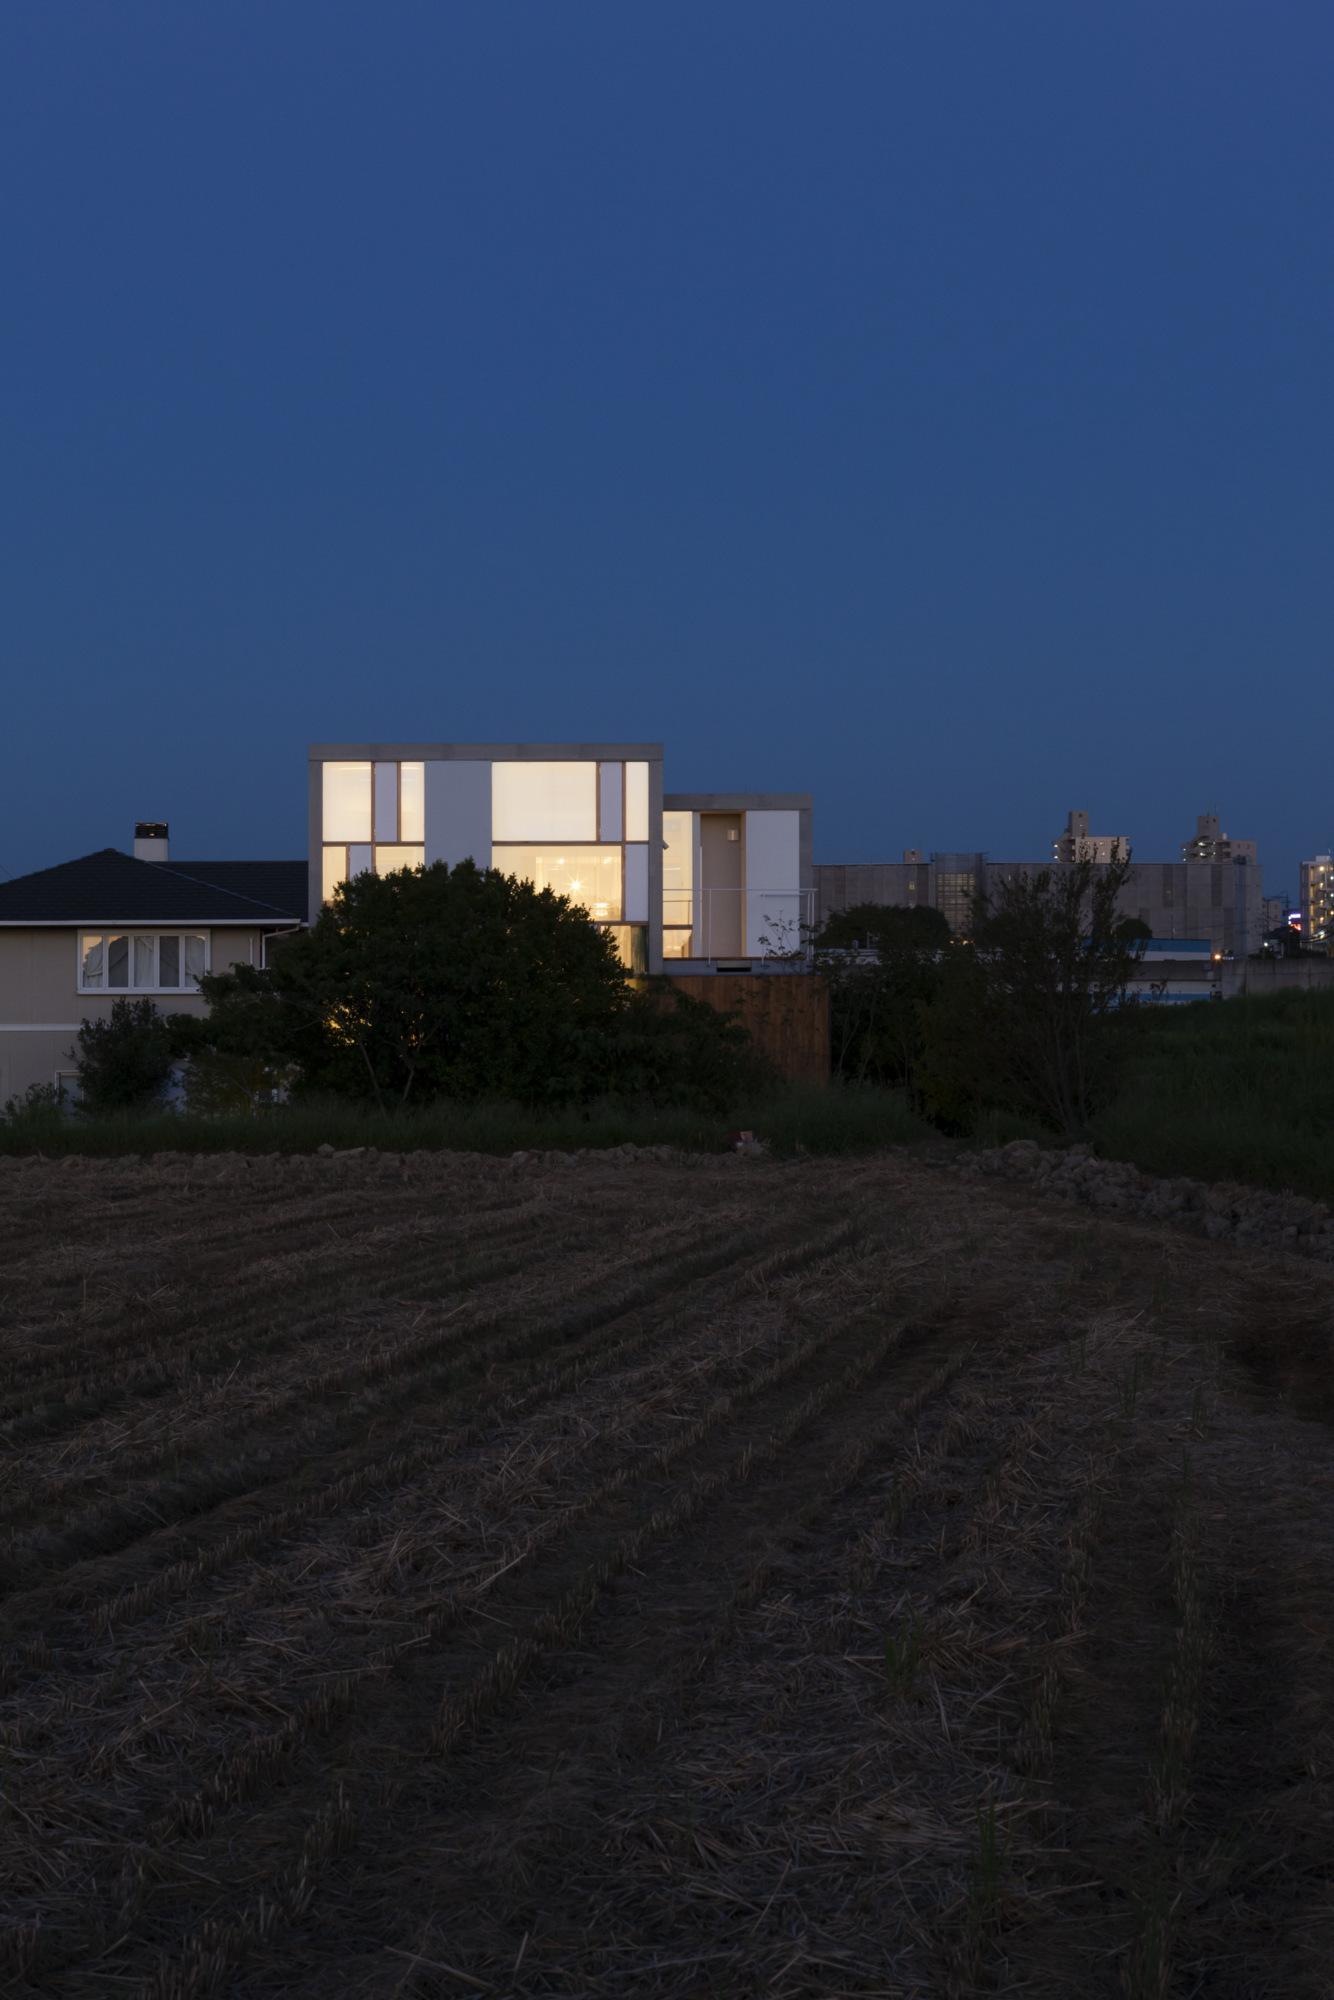 House Passage of Landscape / Ihrmk (5)